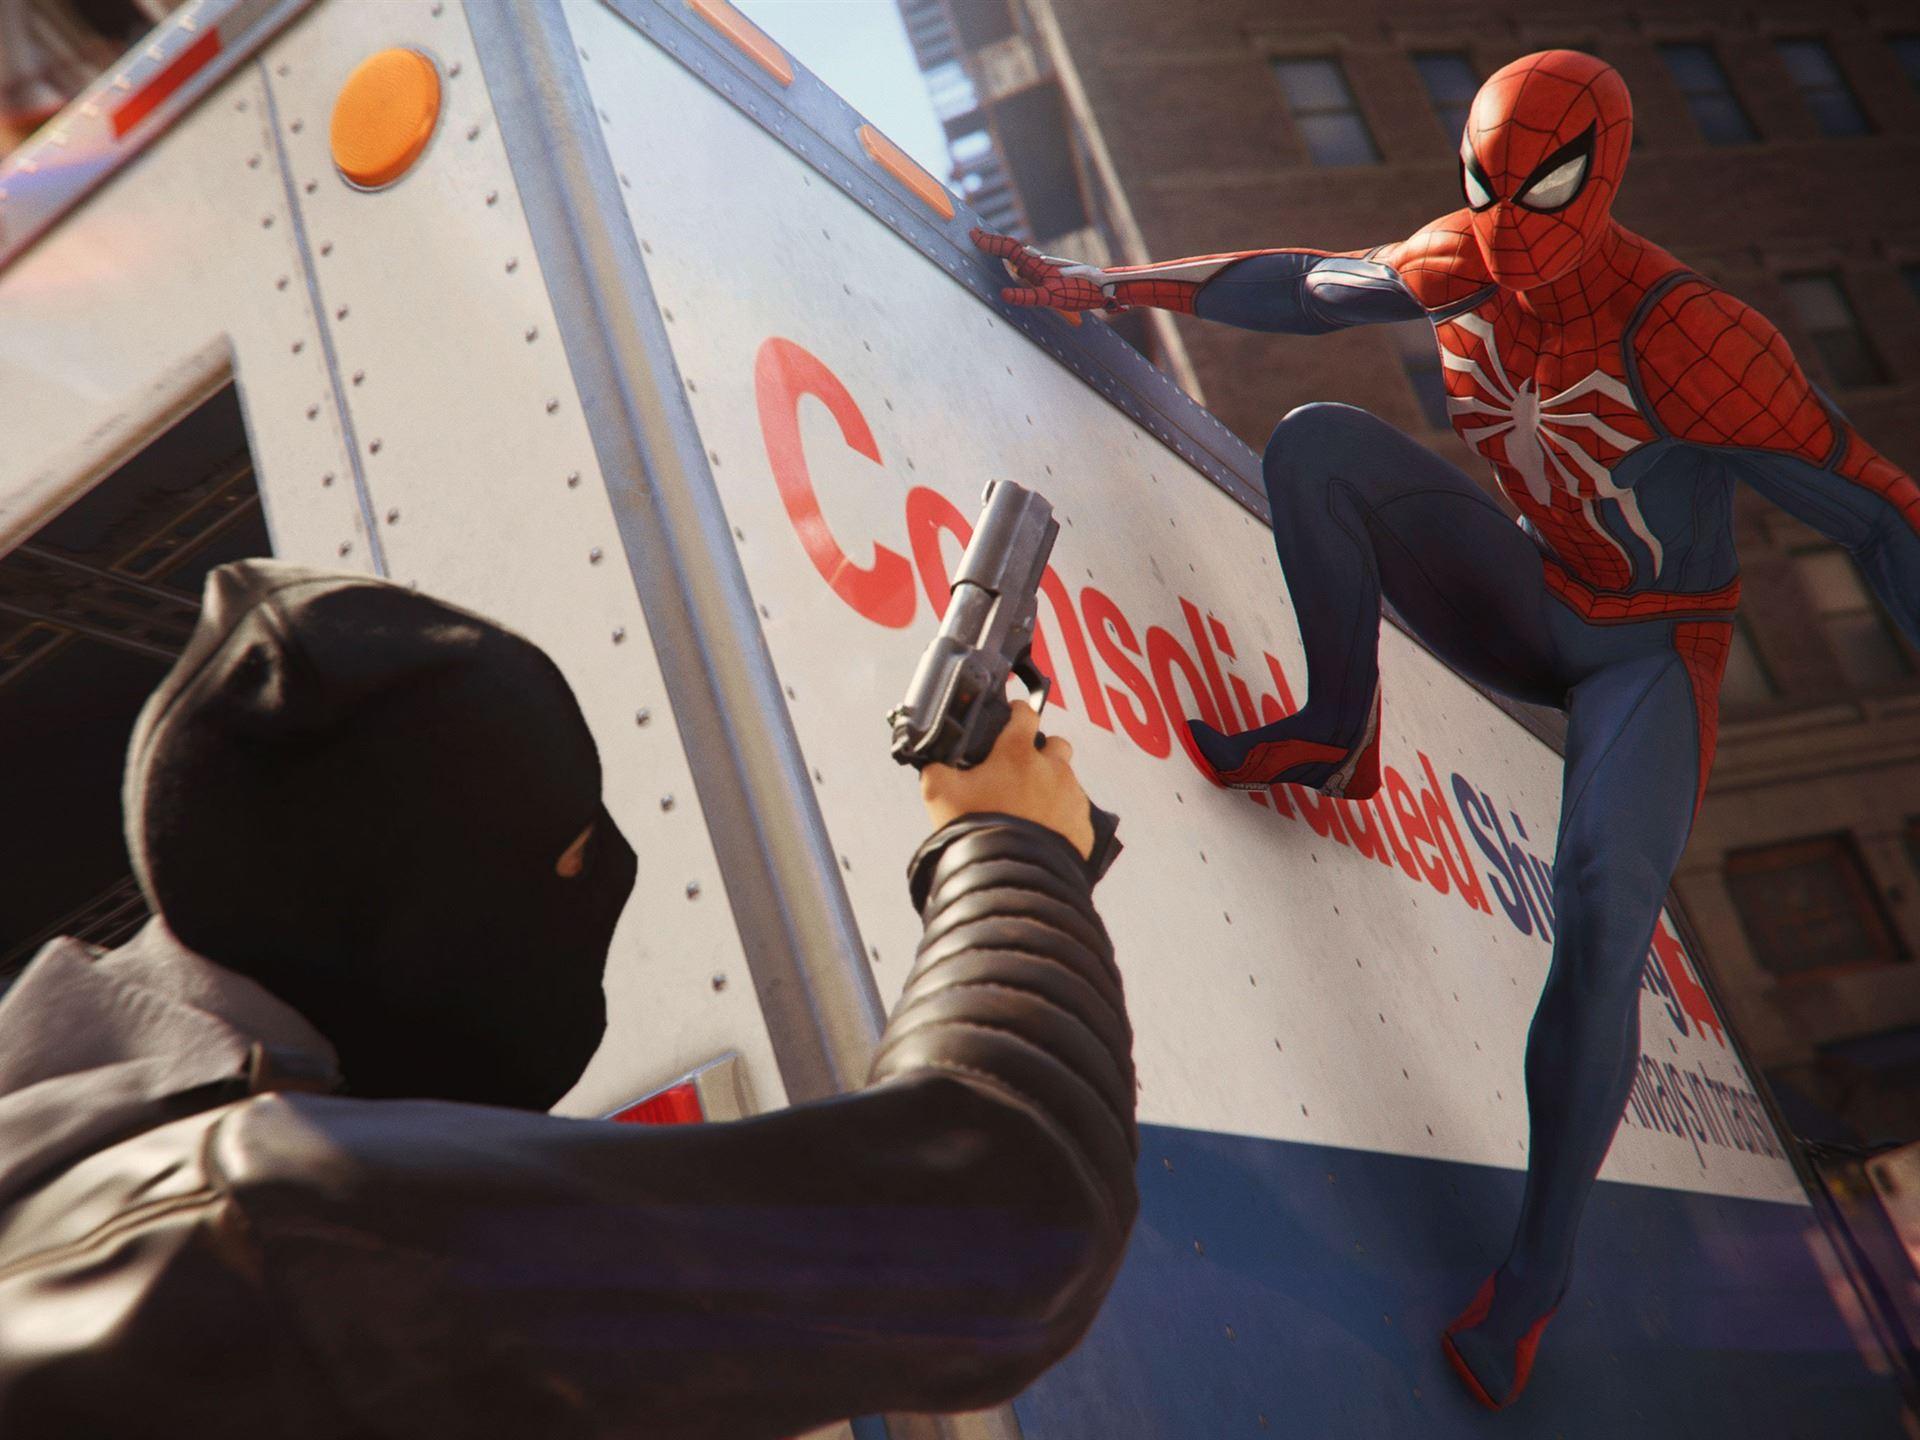 Marvel Spider-Man : o novo capítulo do universo